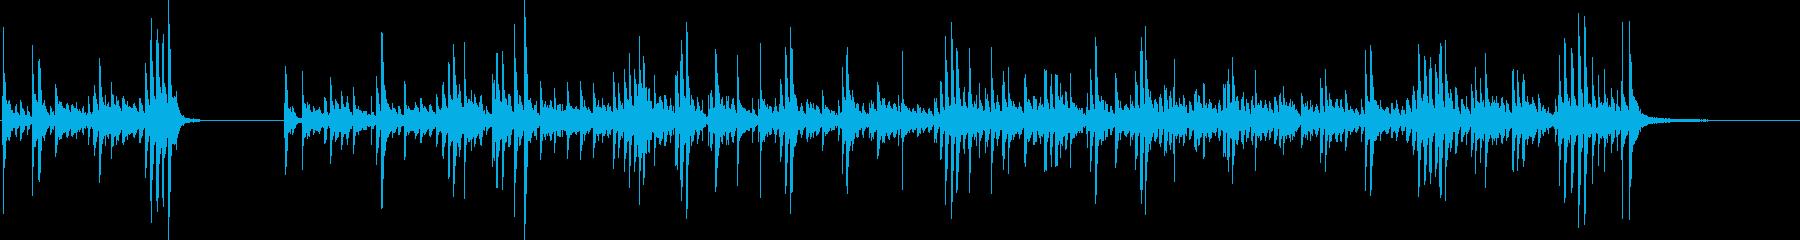 ドラムセット、ソロ、フルセット、2...の再生済みの波形